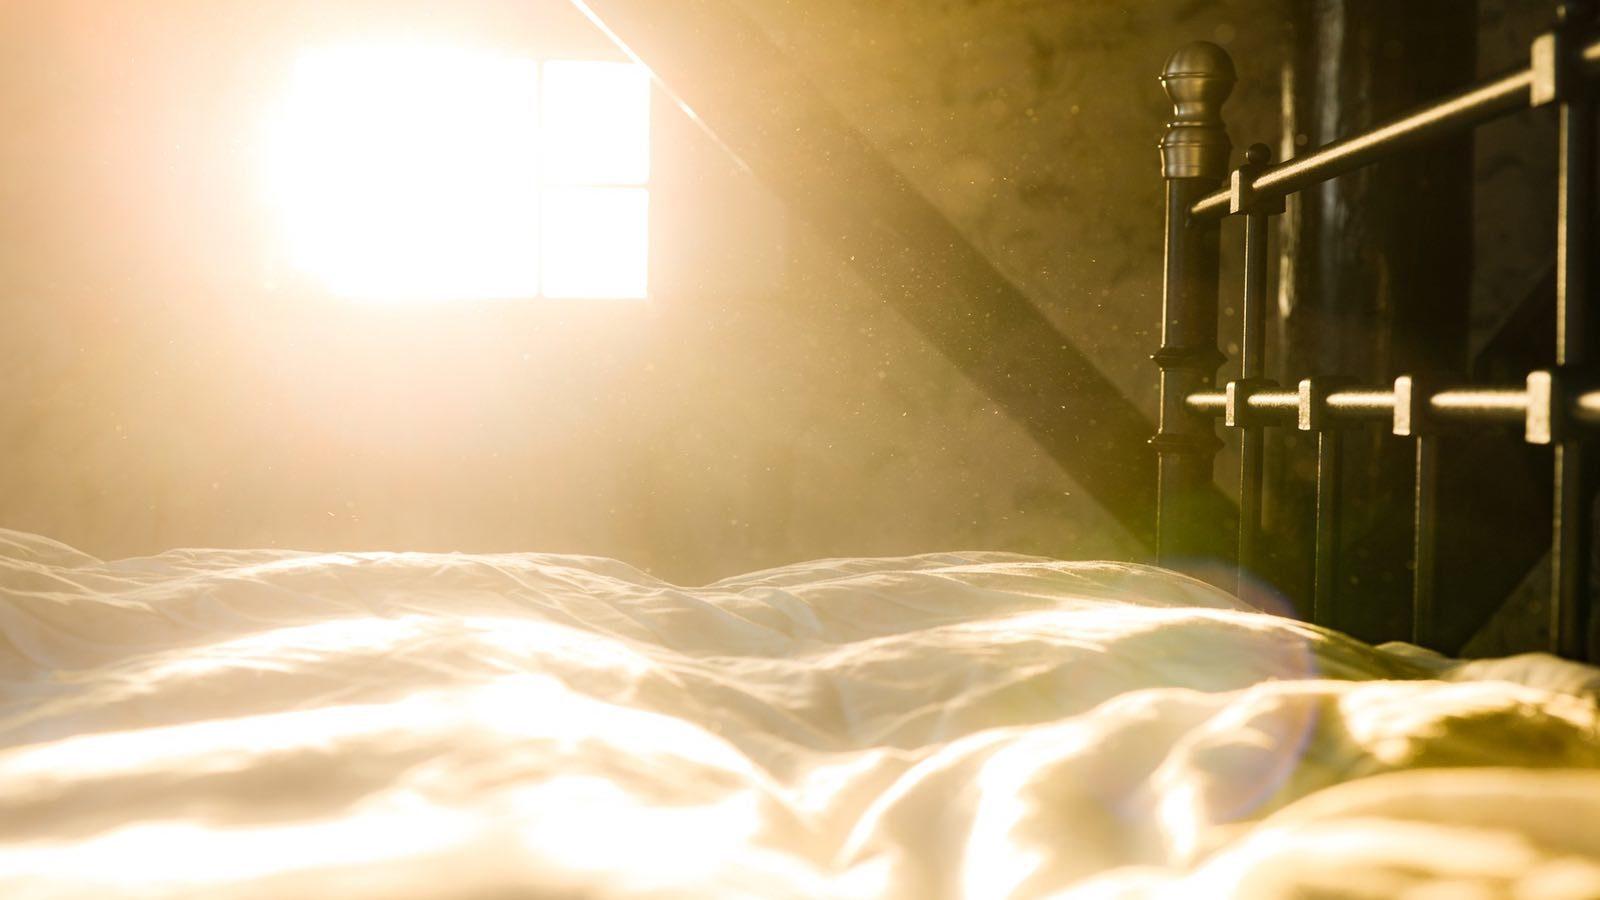 Staub im Schlafzimmer: So wirst du Dreck und Staub los!